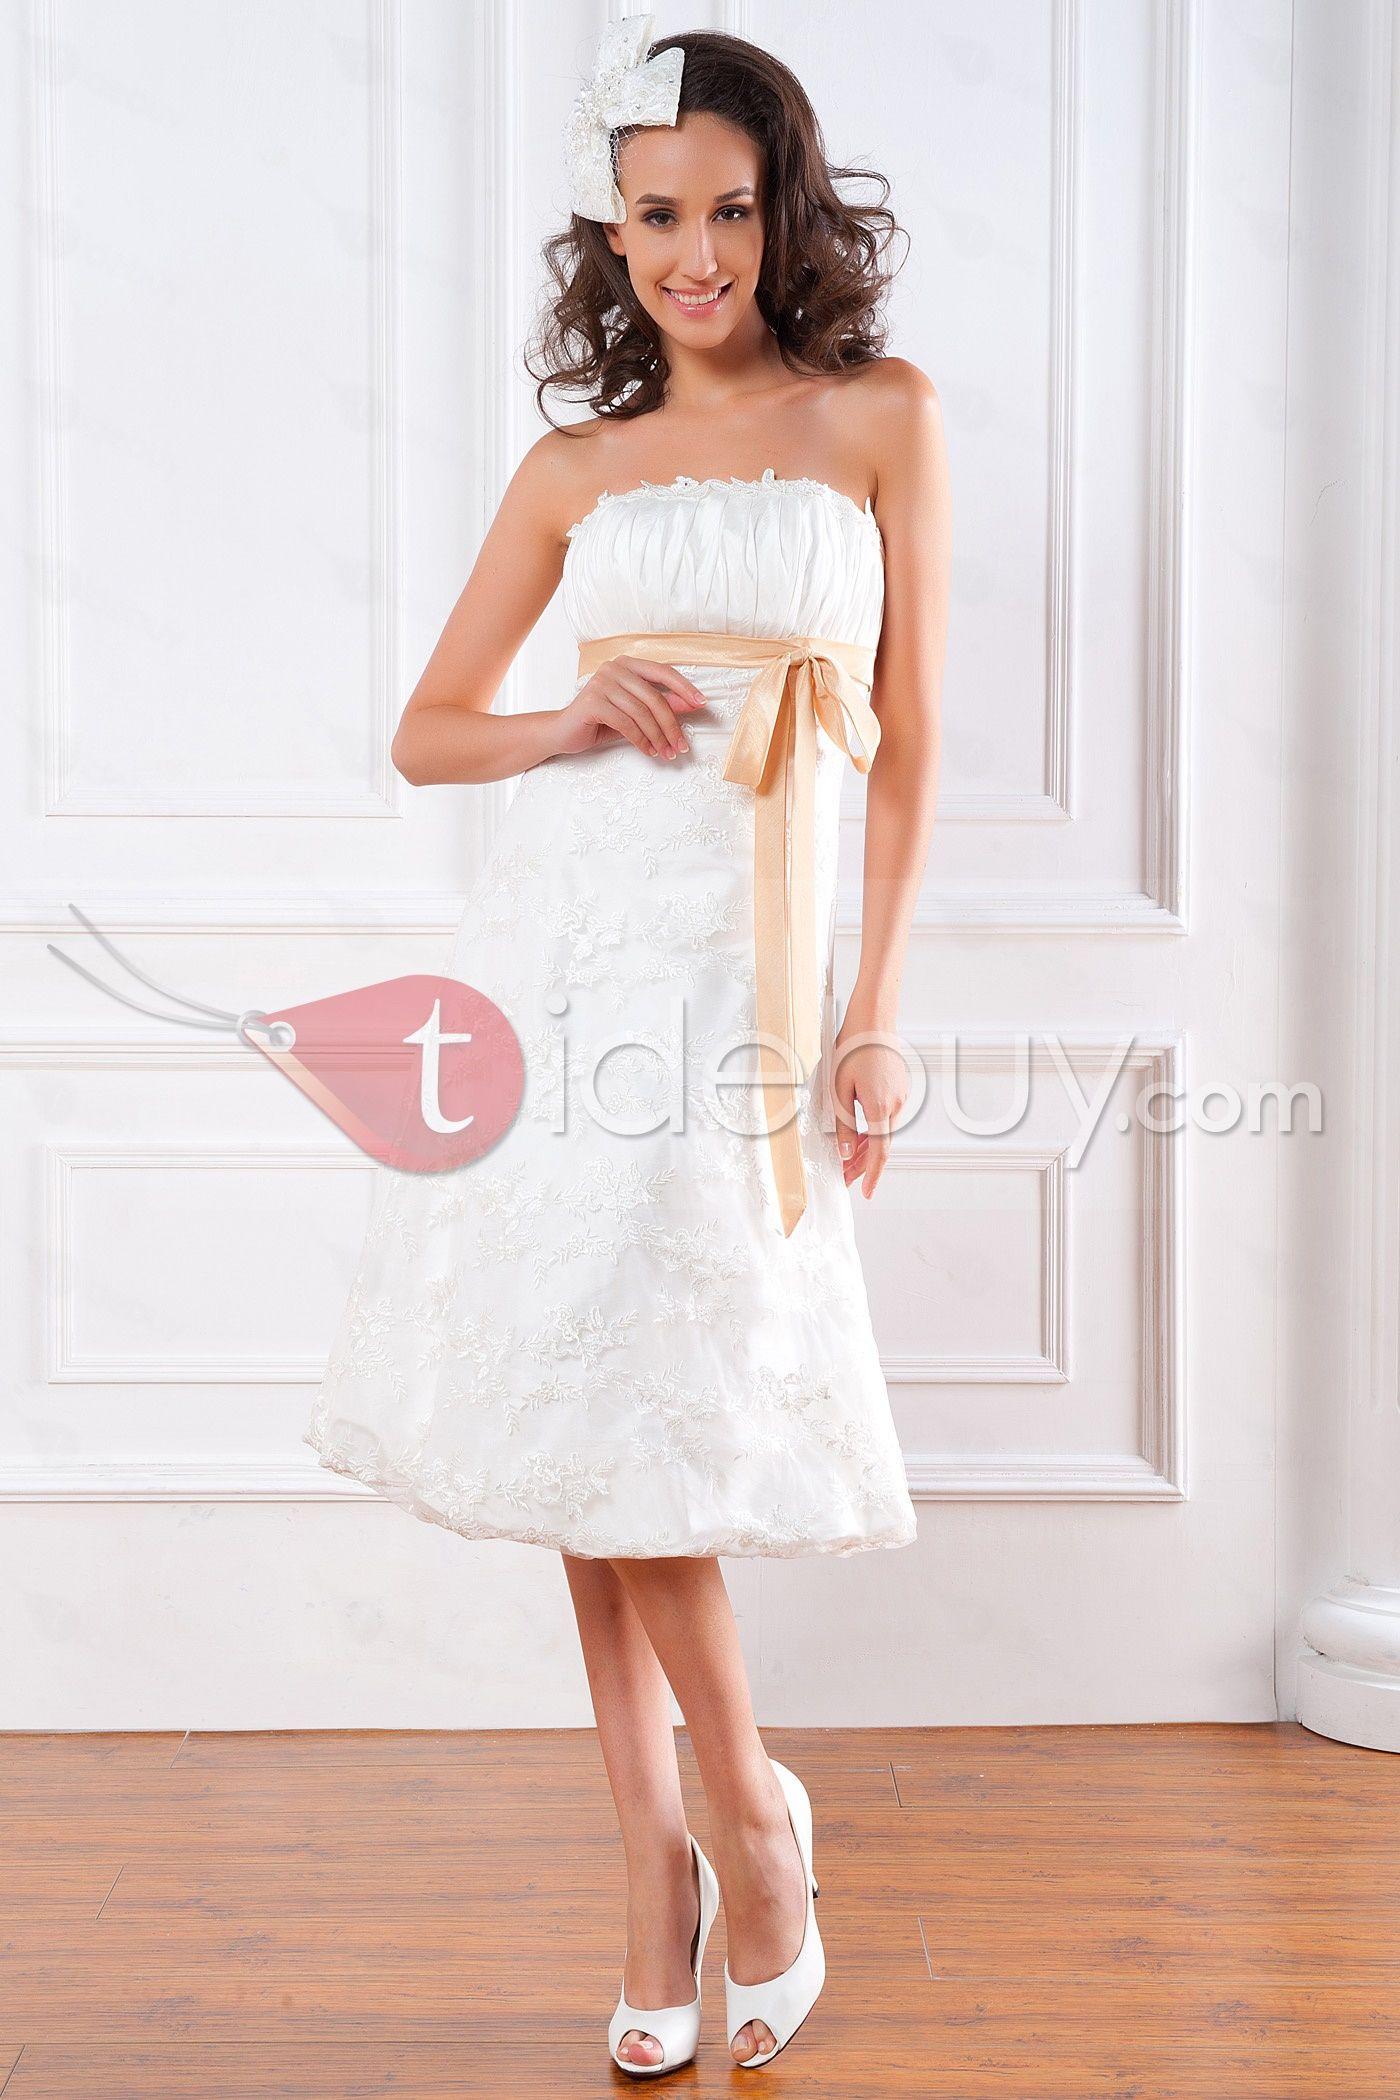 帝国ライン短いミニストラップレス格安レースウェディングドレス